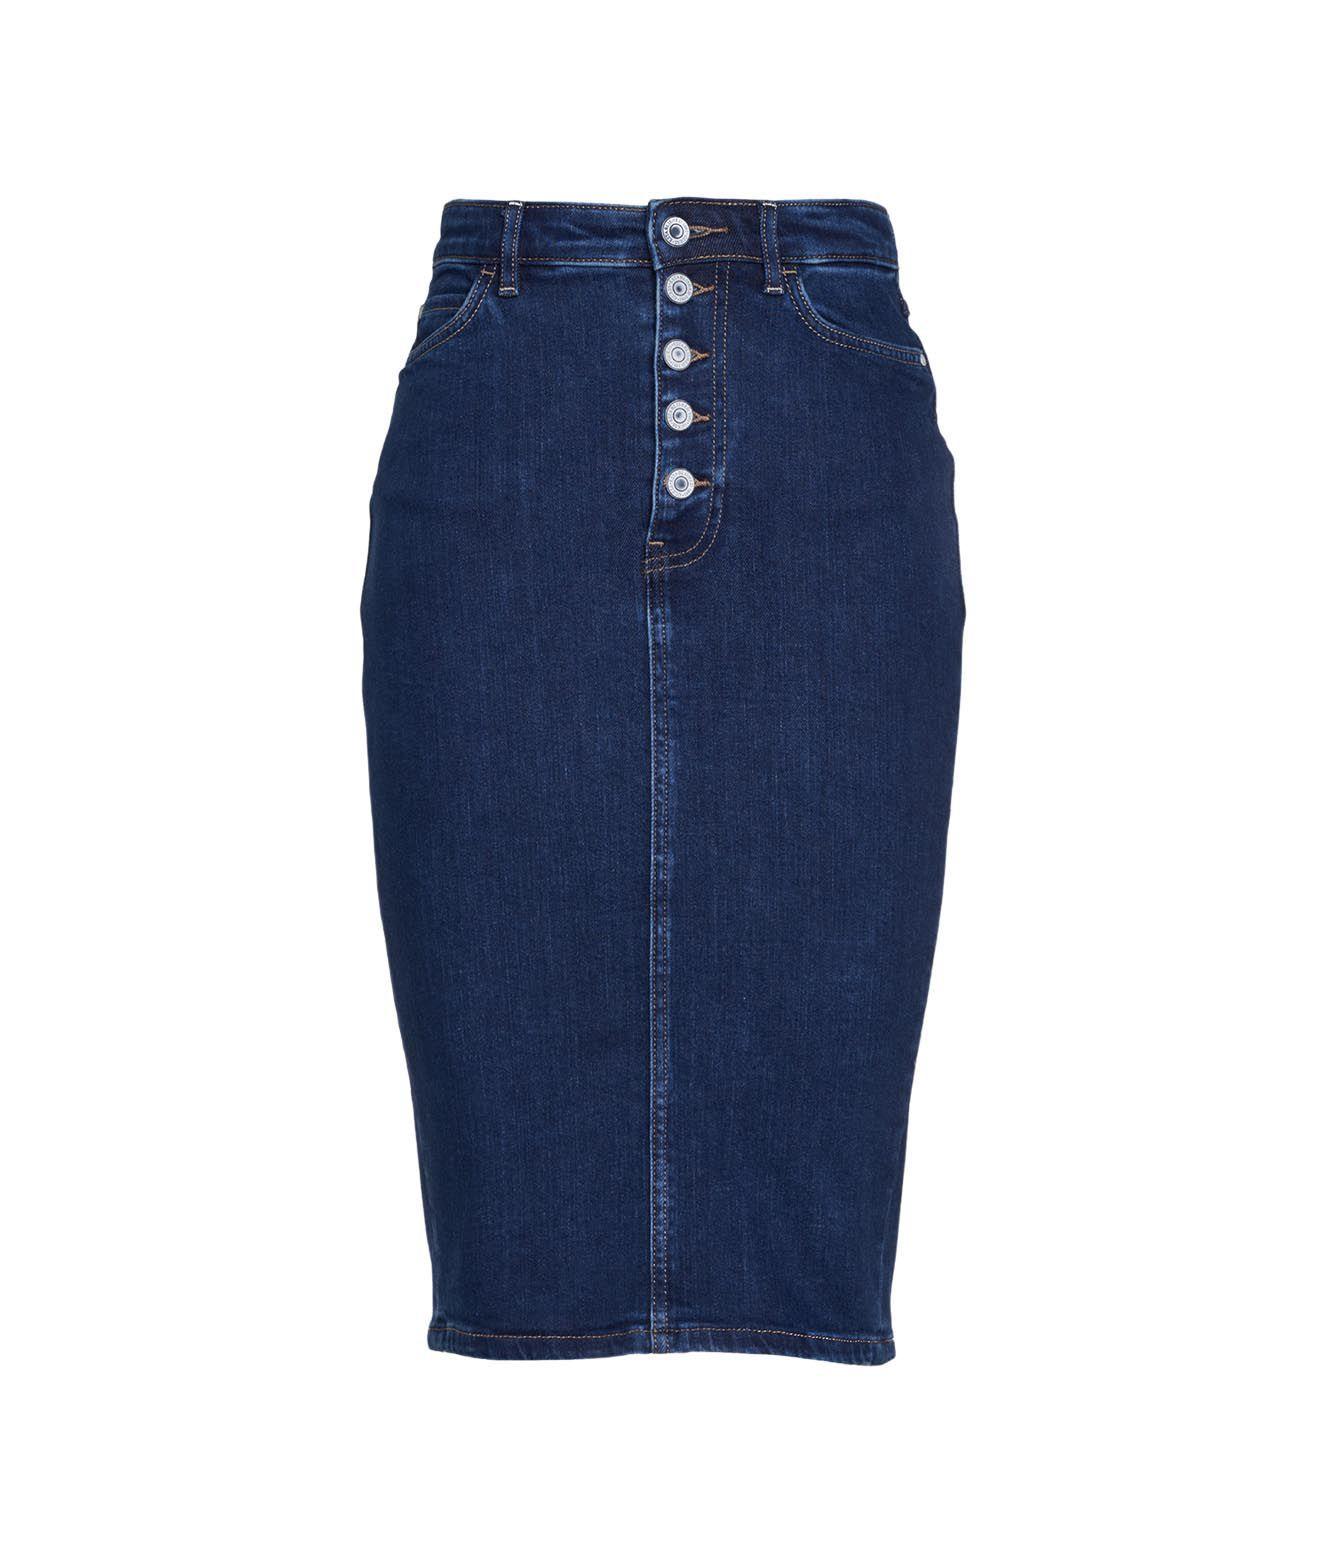 Guess Skirts GUESS WOMEN'S BLUE OTHER MATERIALS SKIRT